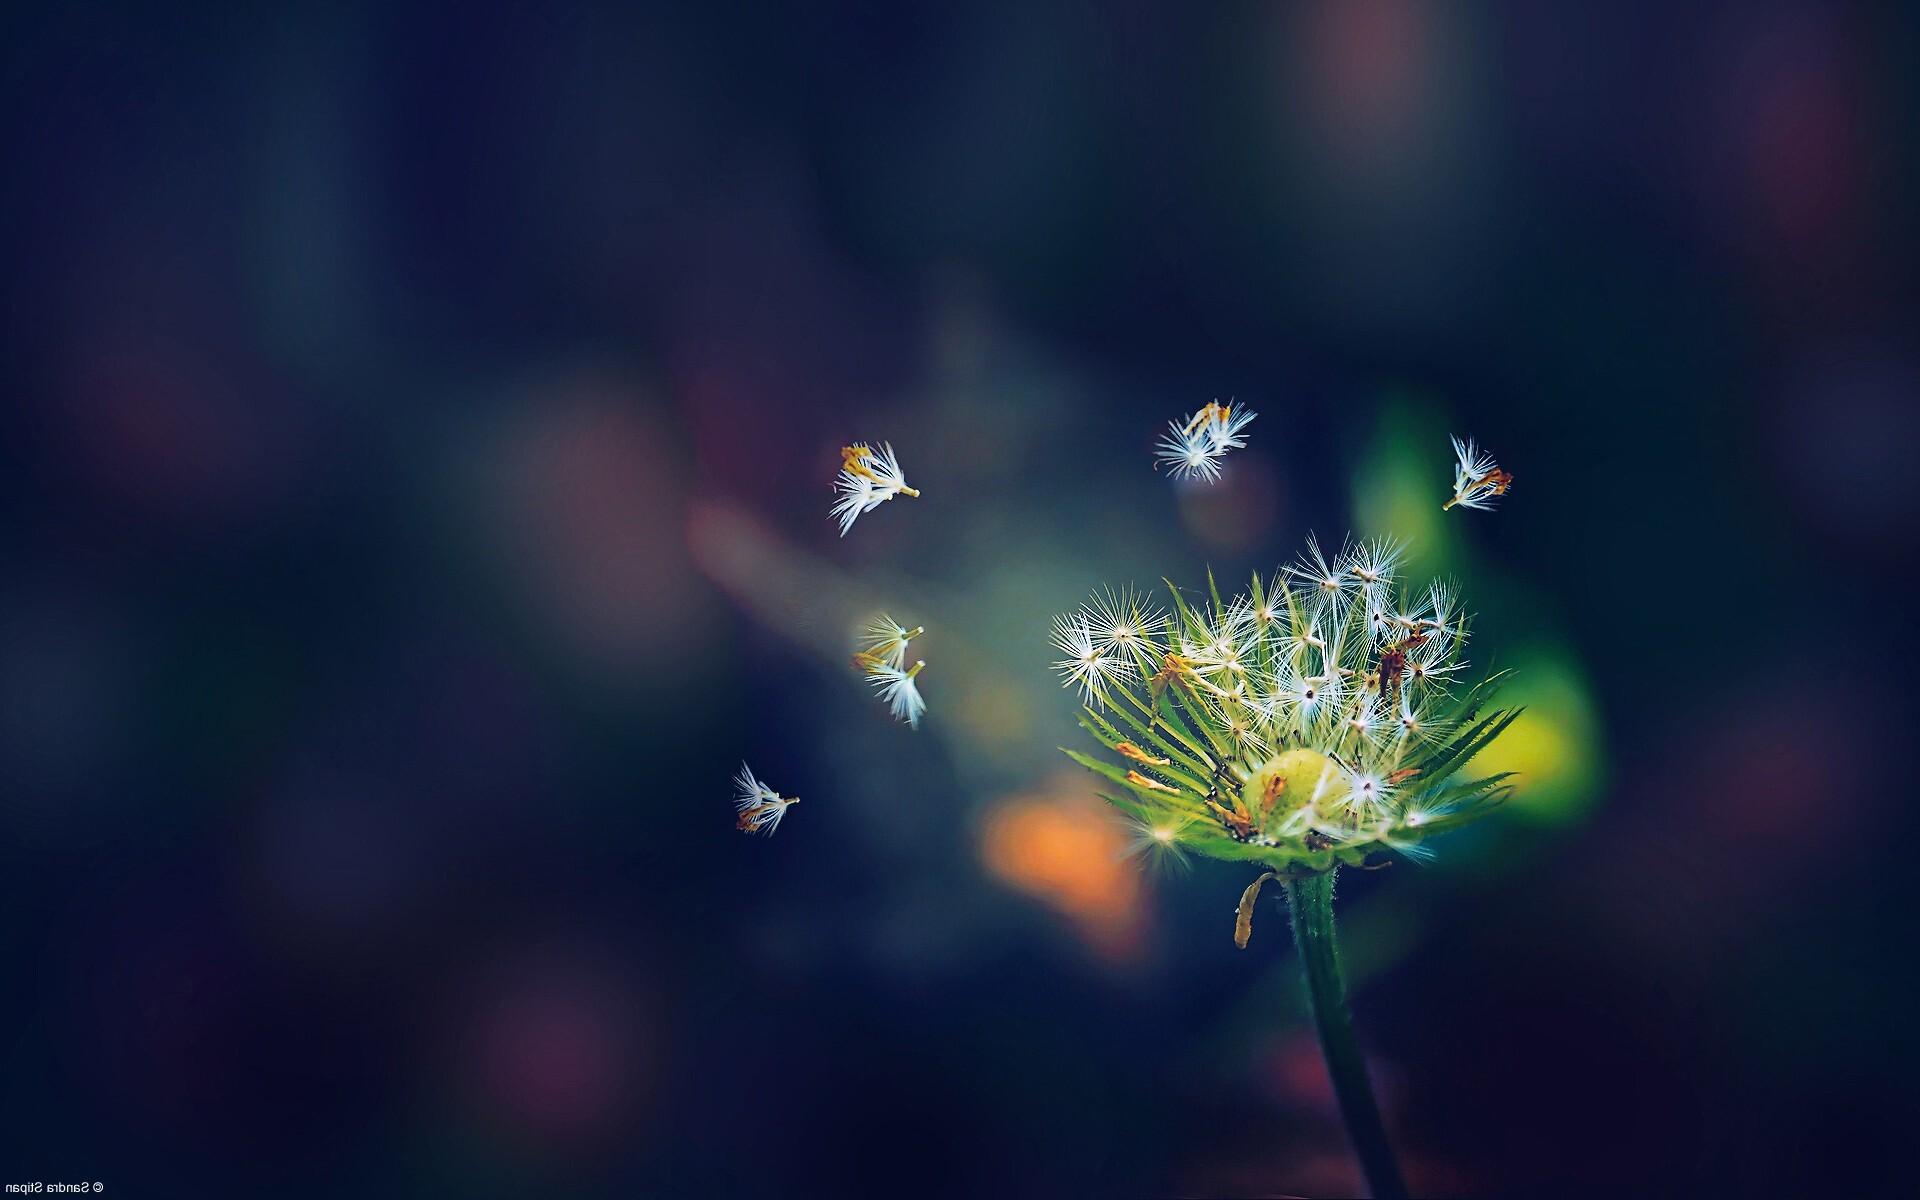 1920x1200 dandelion flies flowers 1080p resolution hd 4k - Dandelion hd wallpapers 1080p ...